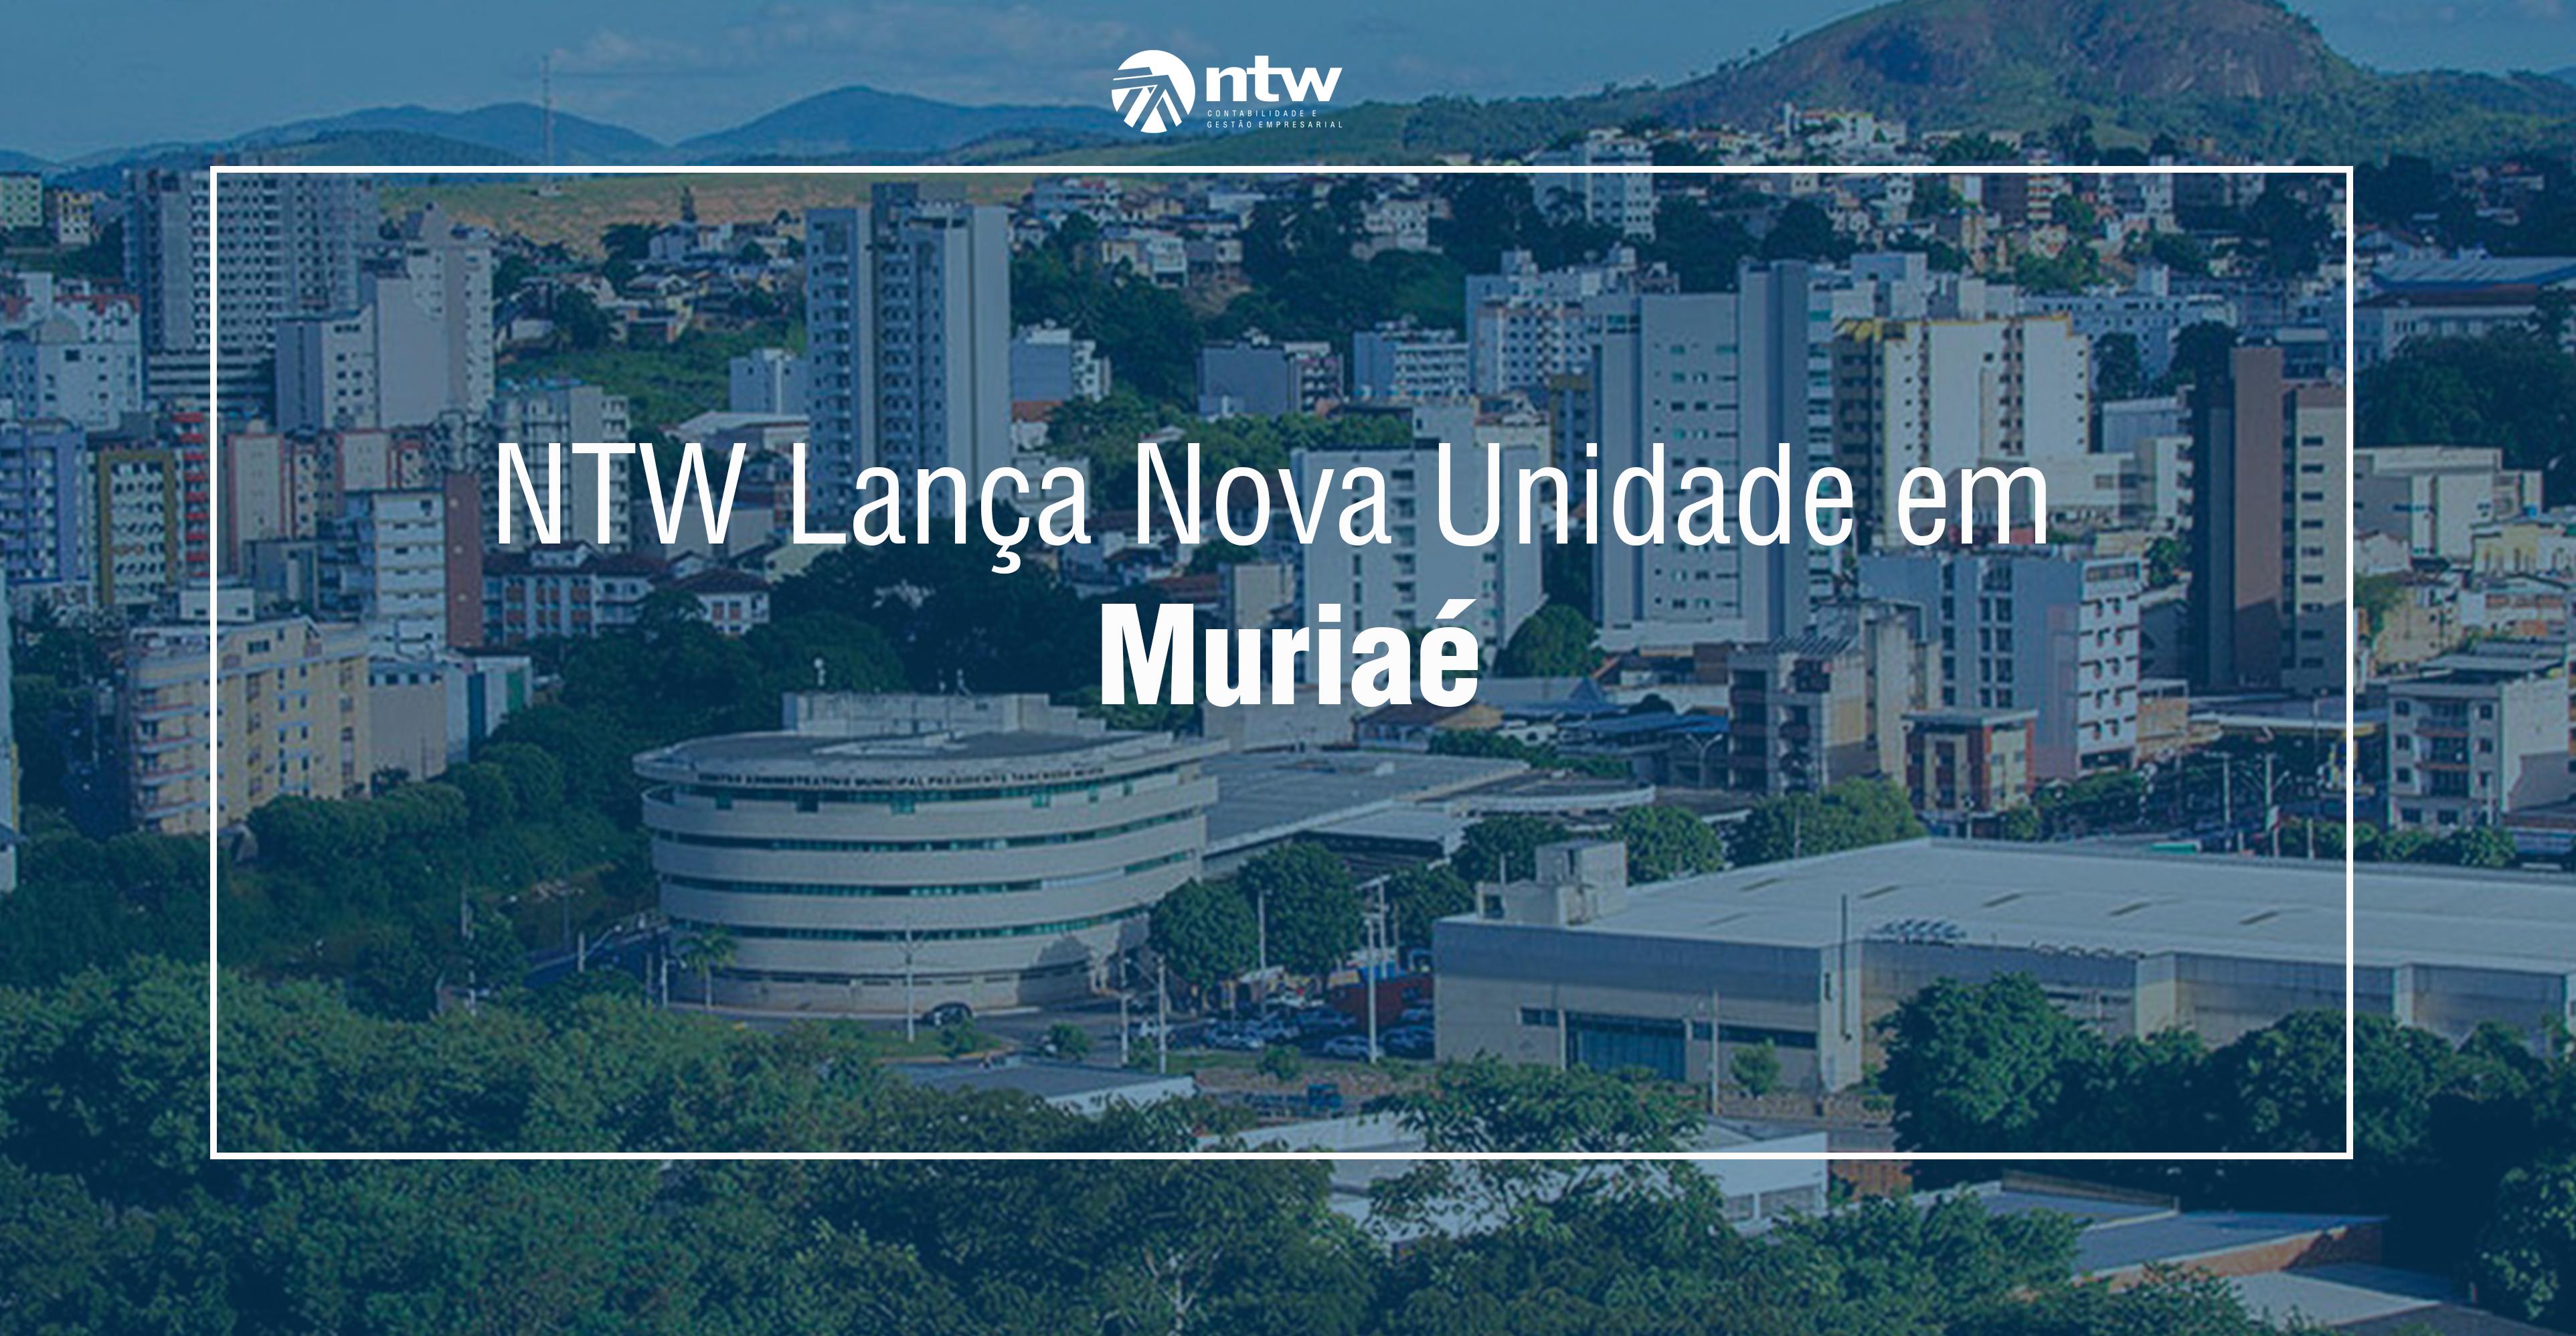 NTW Lança Nova Unidade em Muriaé